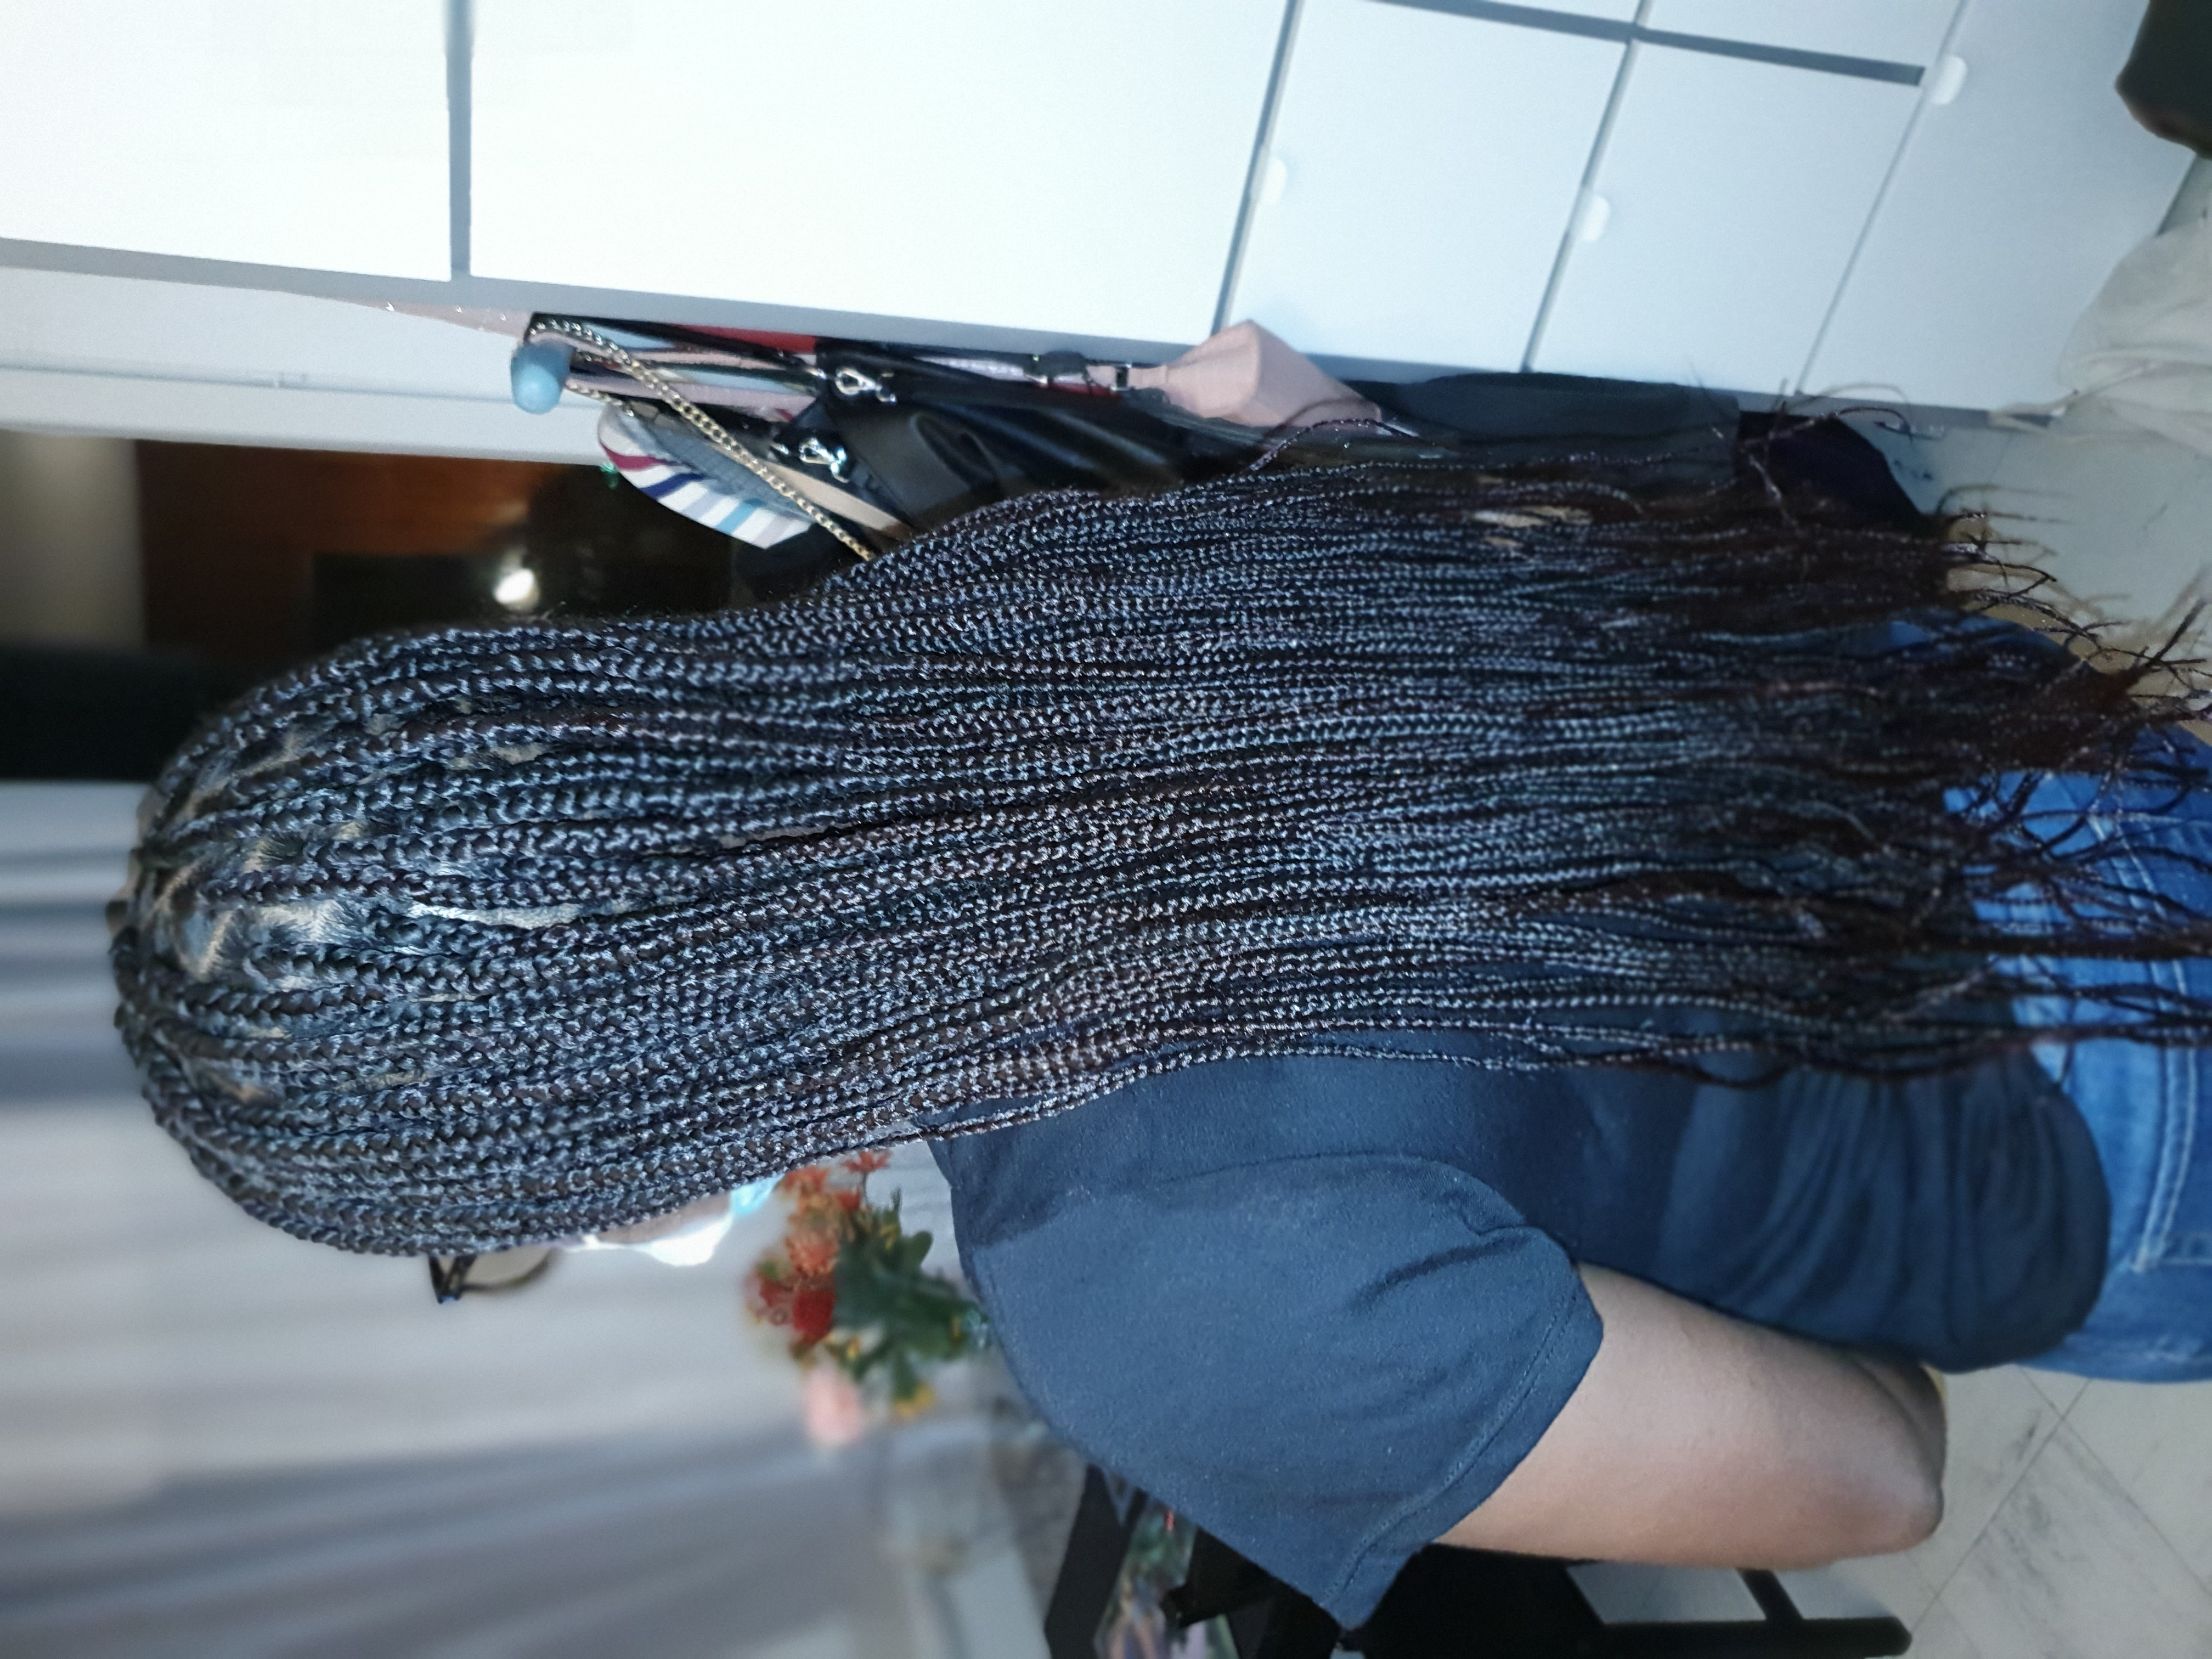 salon de coiffure afro tresse tresses box braids crochet braids vanilles tissages paris 75 77 78 91 92 93 94 95 RTYNOQMM